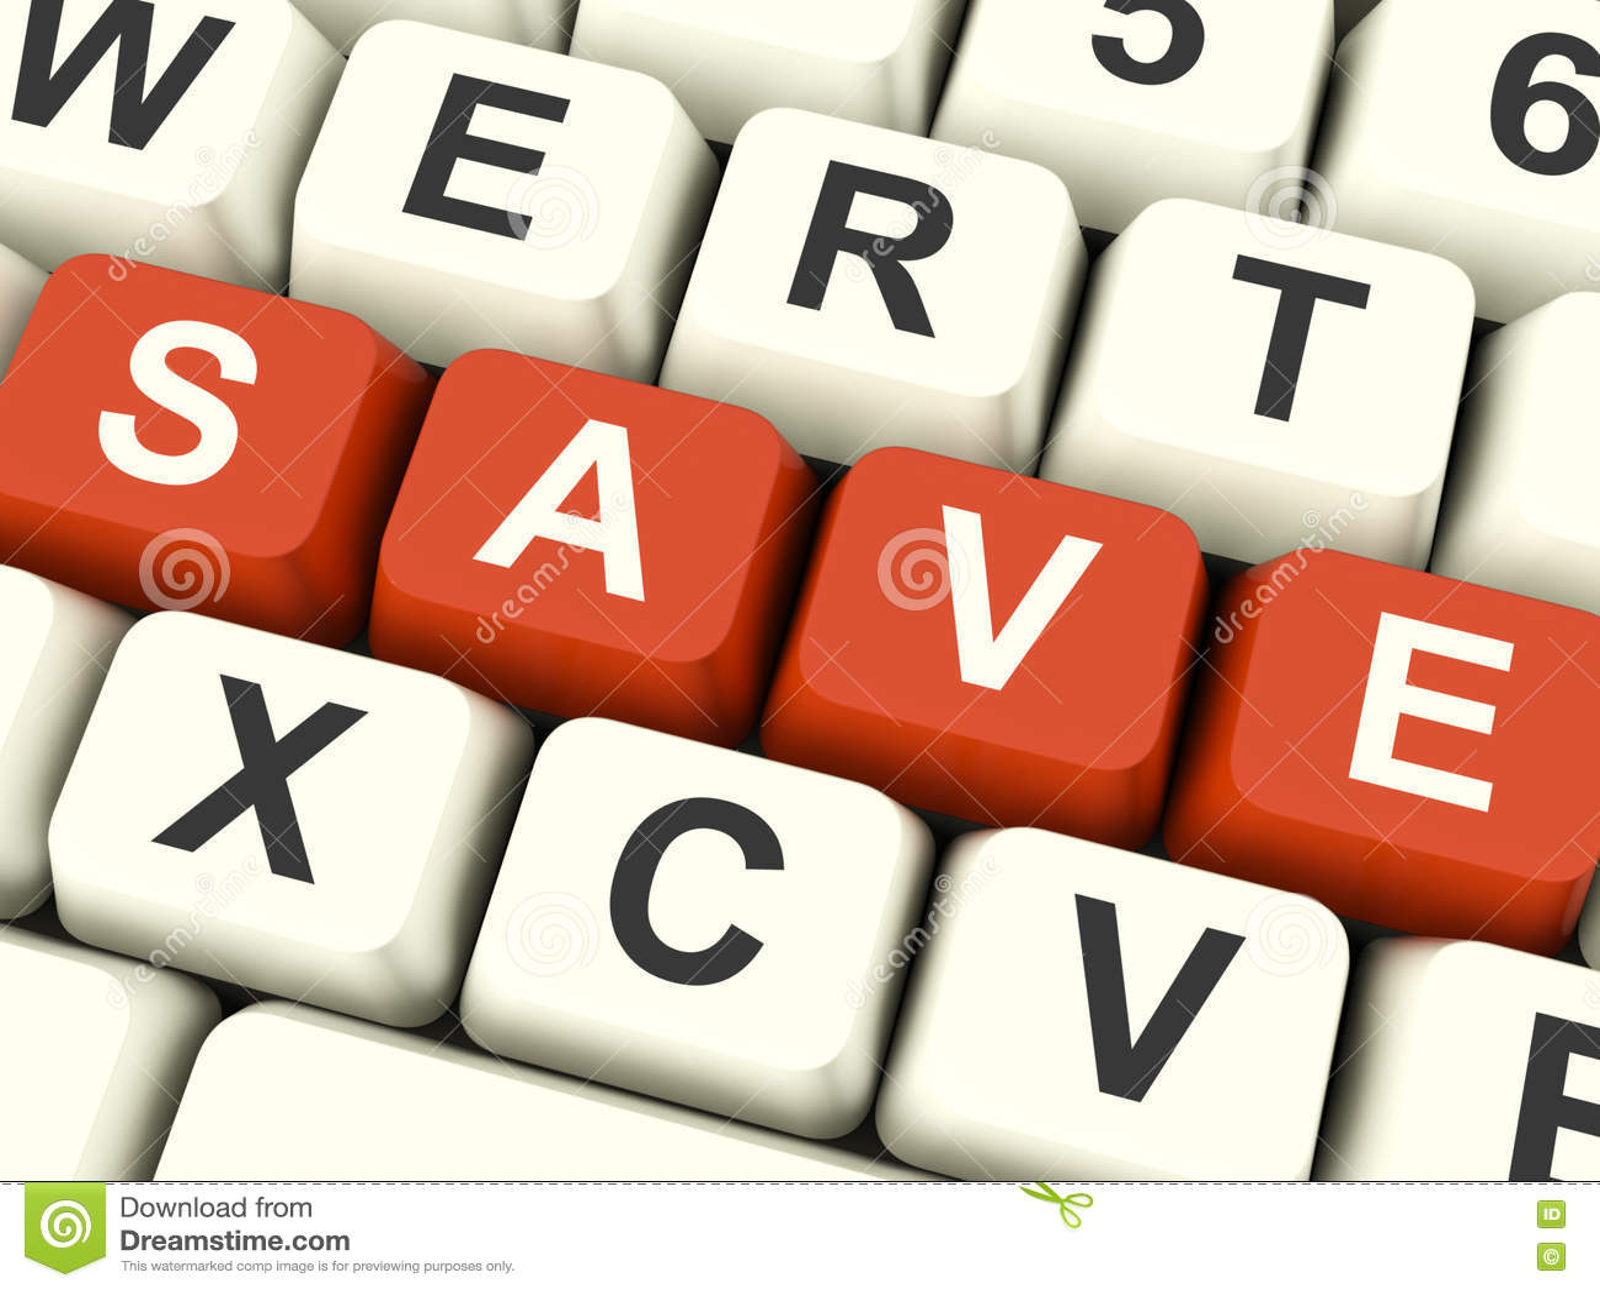 Sparen Computersleutels als Symbool voor Kortingen of Bevordering